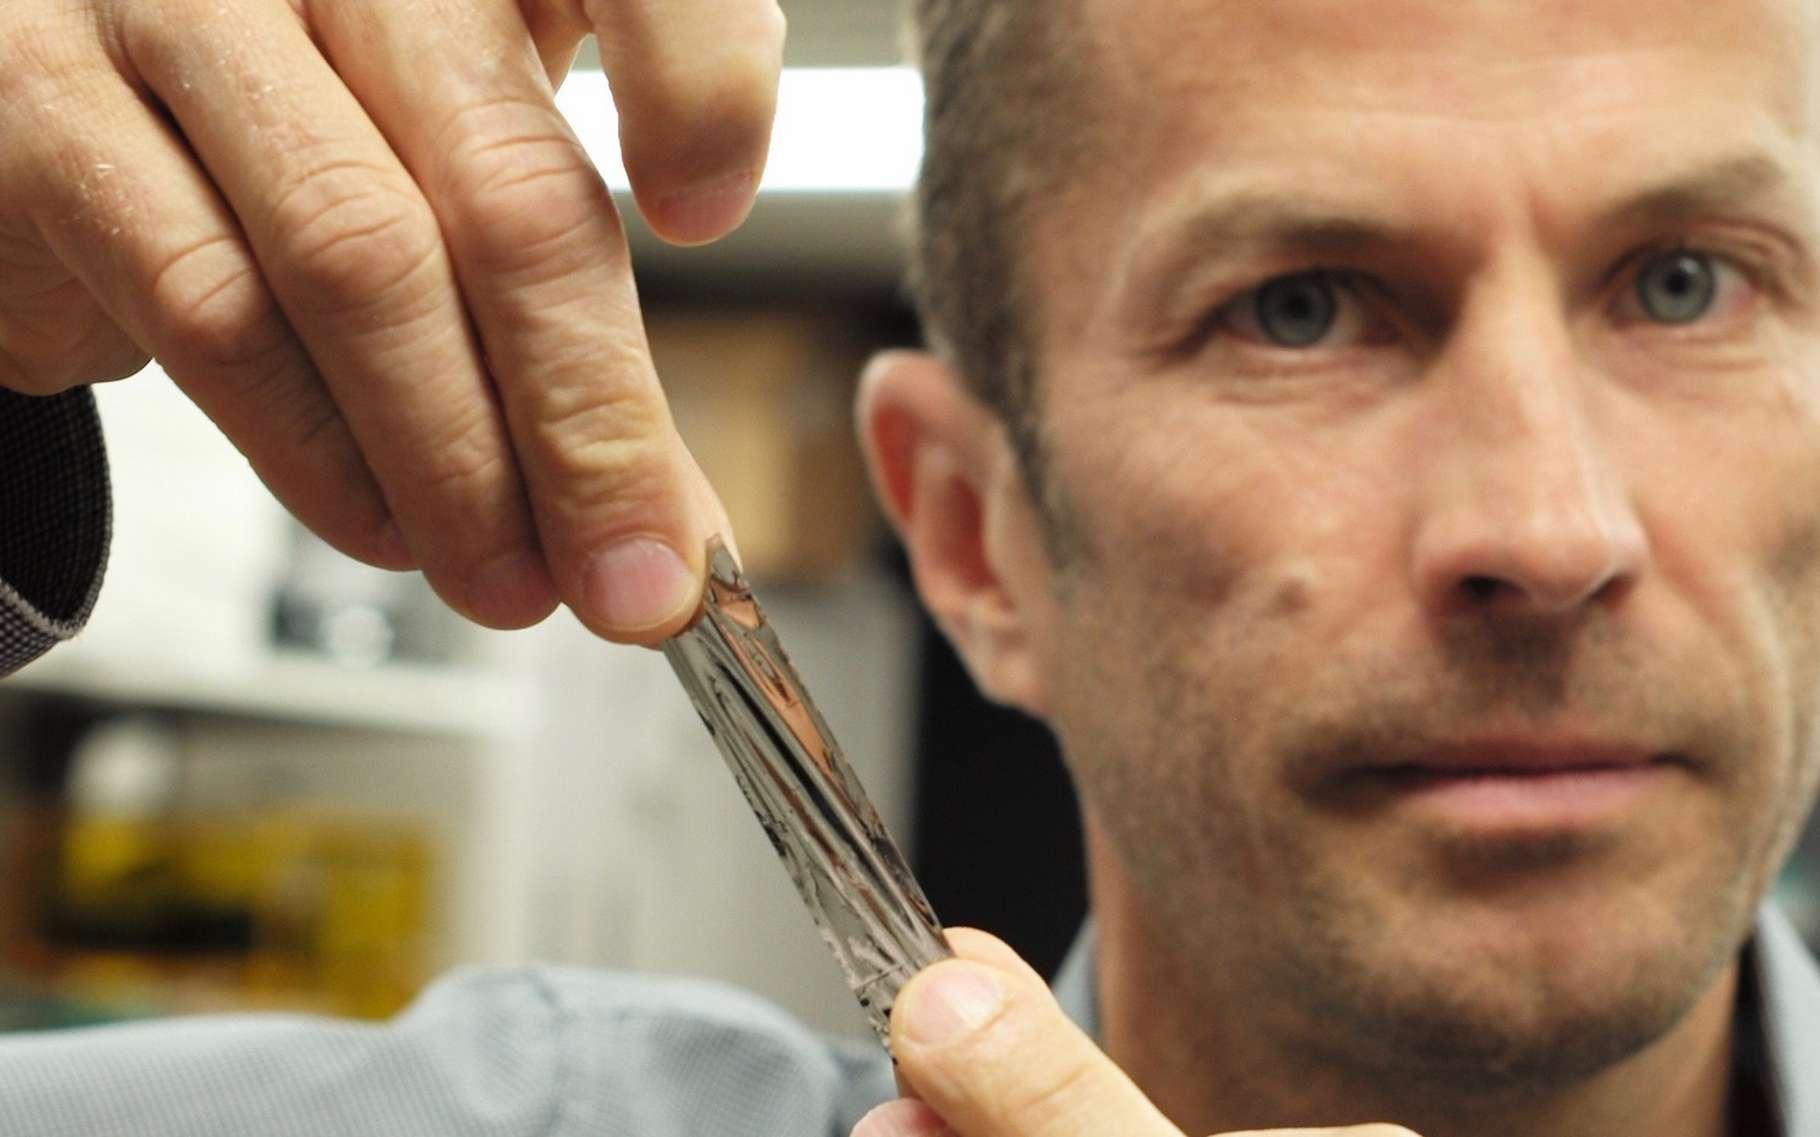 IBM et Sony ont battu un nouveau record de stockage. Ici, le professeur Mark Lantz (IBM Research) tient un échantillon de bande magnétique haute densité. © IBM Research